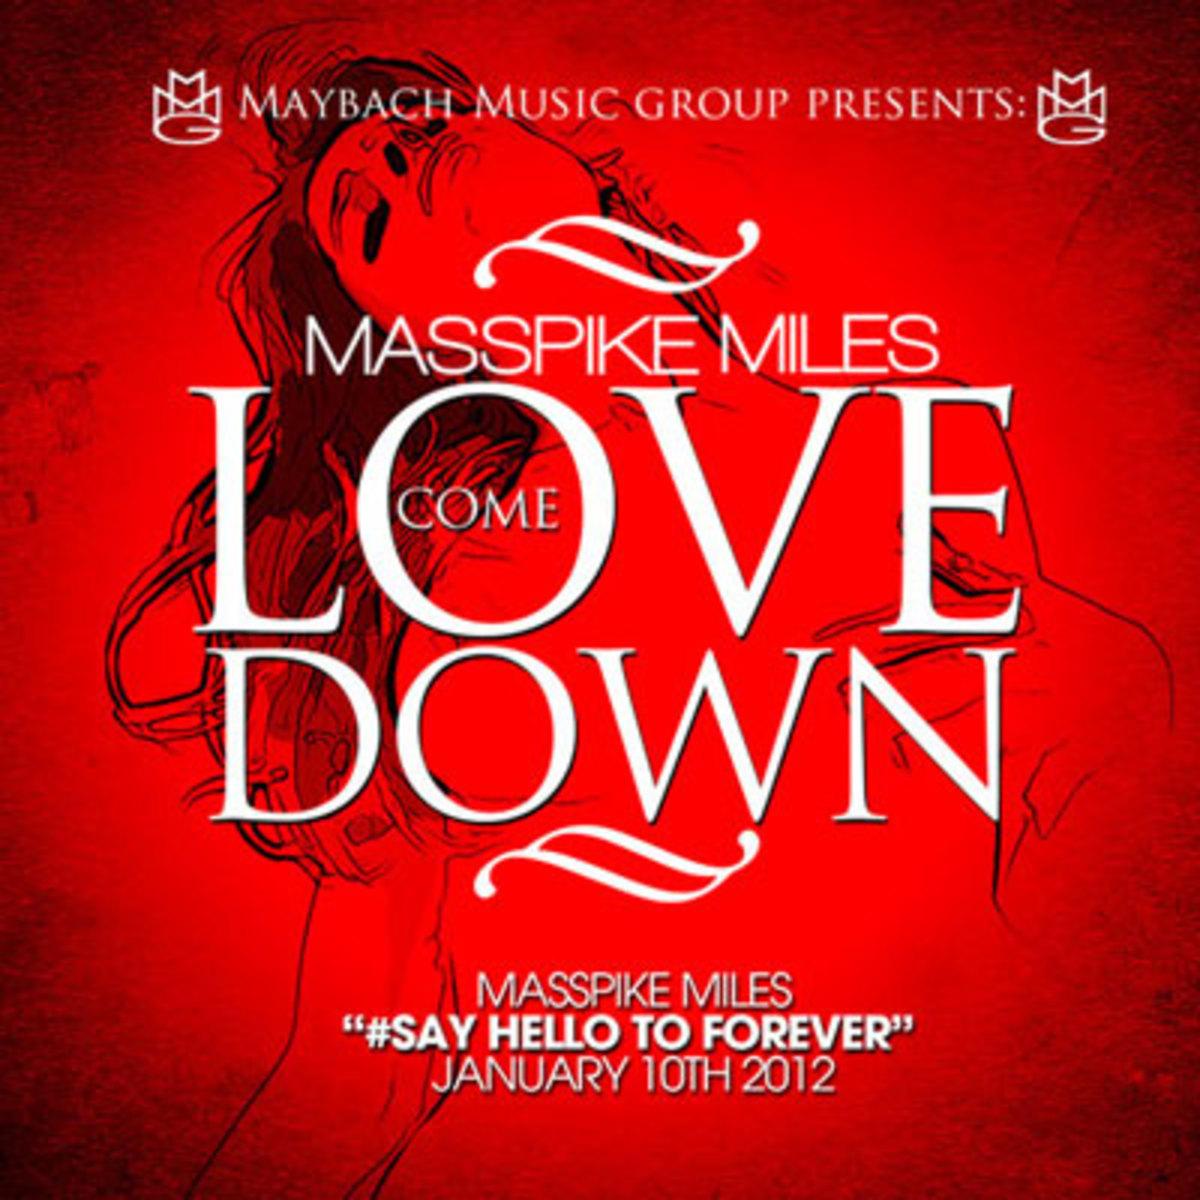 masspikemiles-lovecomedown.jpg